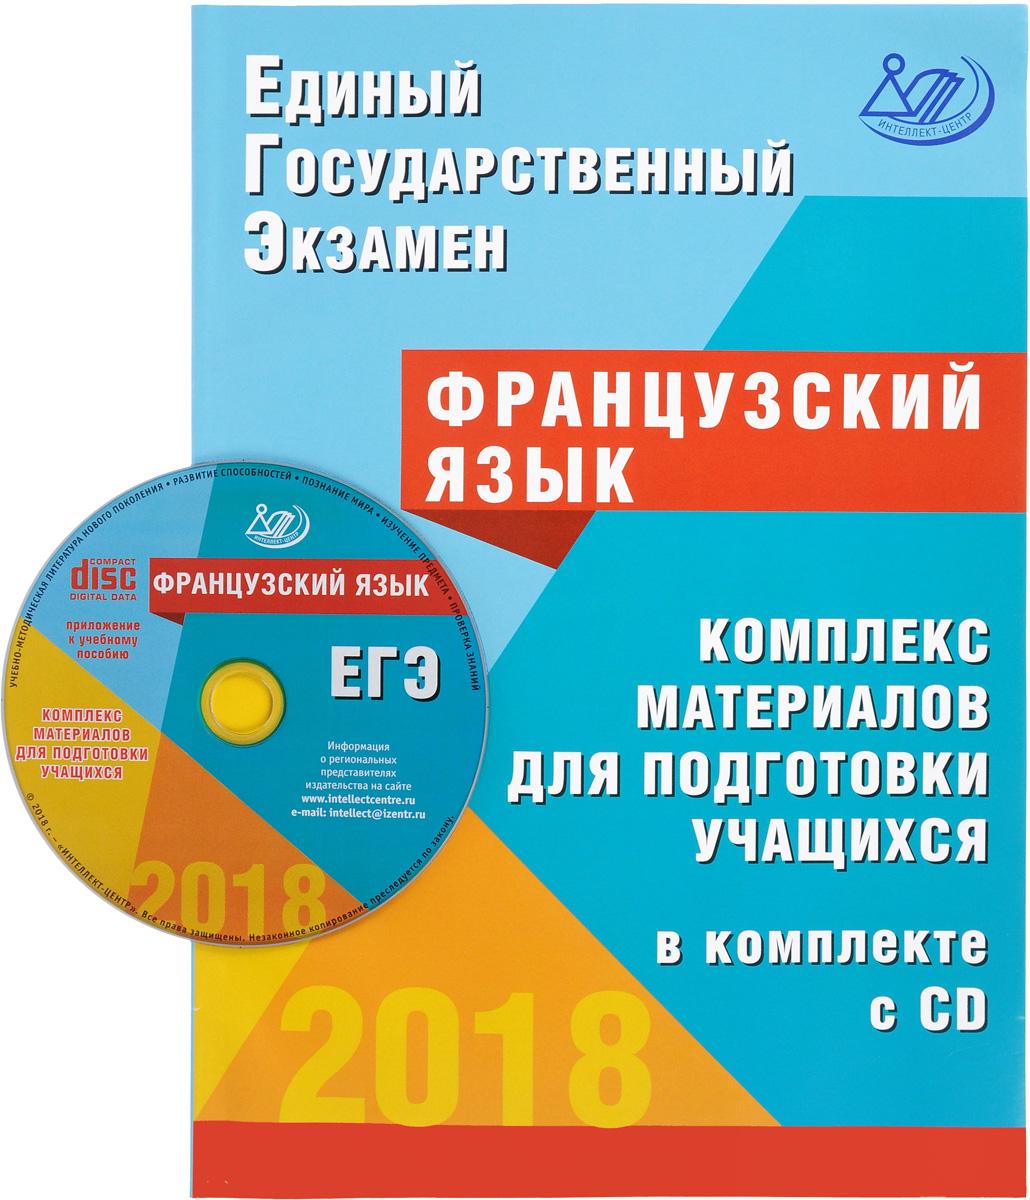 ЕГЭ 2018. Французский язык. Комплекс материалов для подготовки учащихся (+ CD)